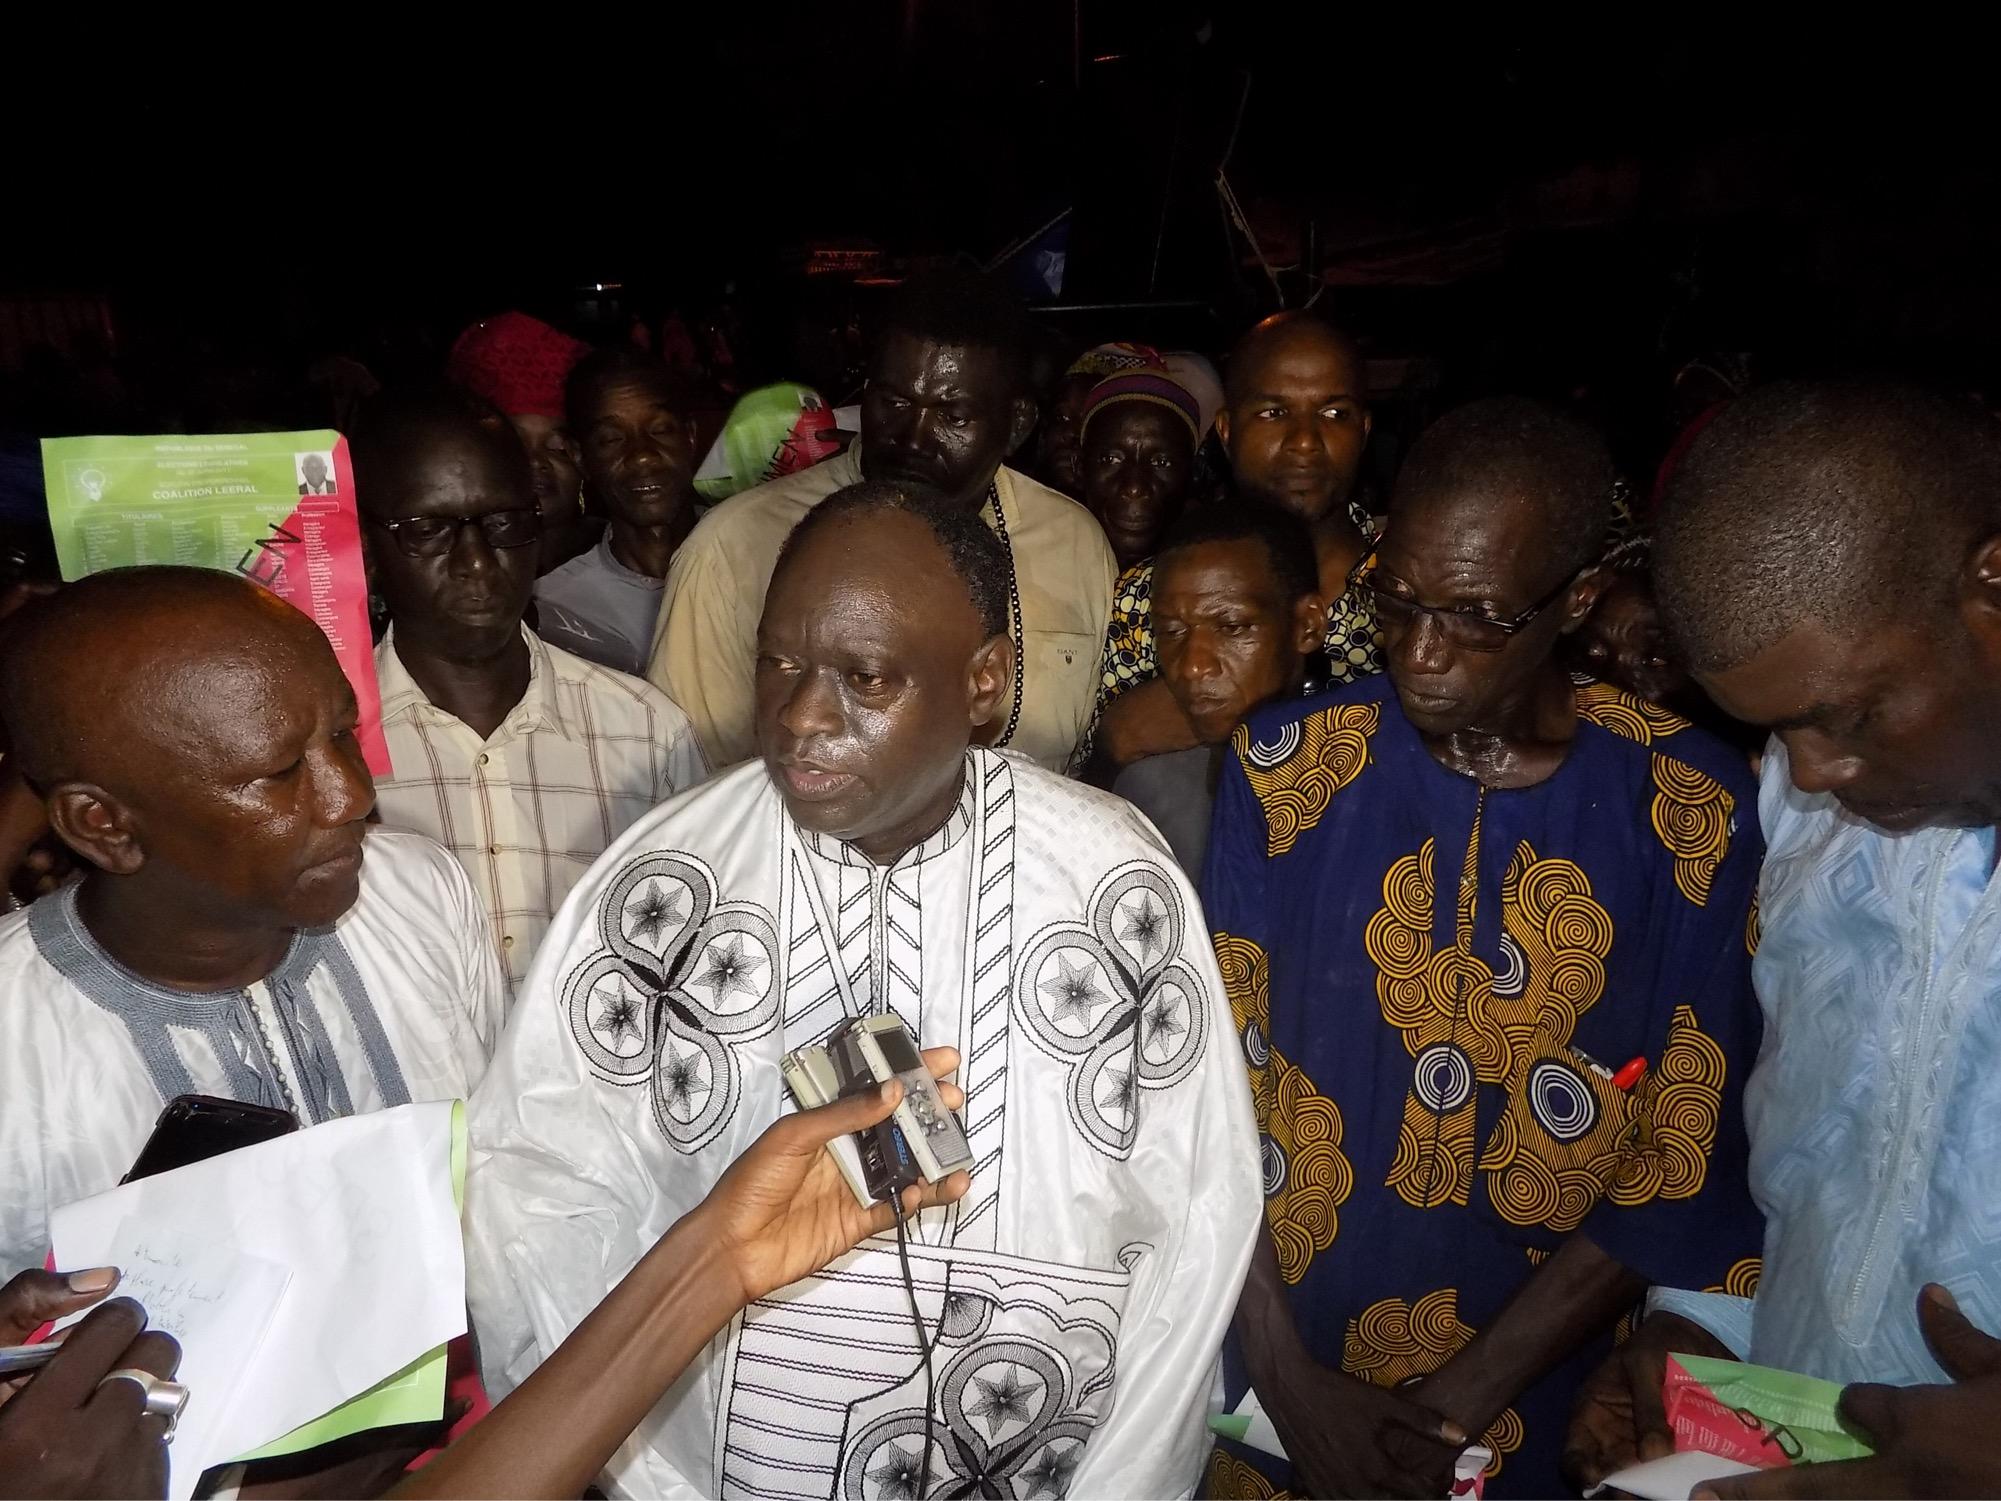 Incidents du stade Demba Diop : Me Elhadj Diouf de Leeral, dénonce « le laxisme dans la gestion de la sécurité des stades »